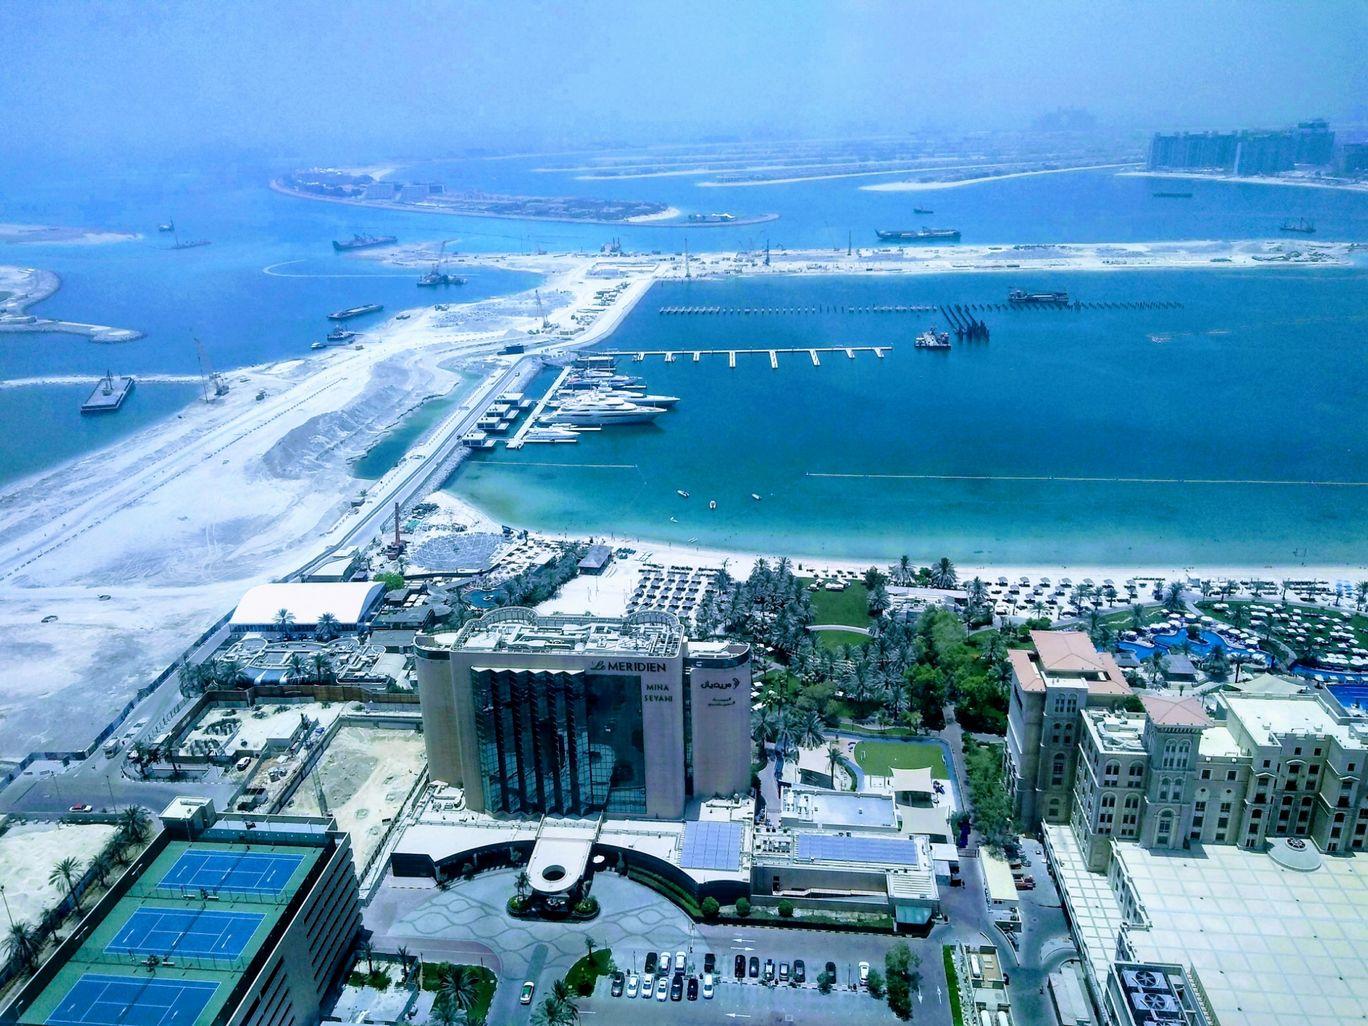 Photo of Dubai - United Arab Emirates By Hari Chandu Vakacharla